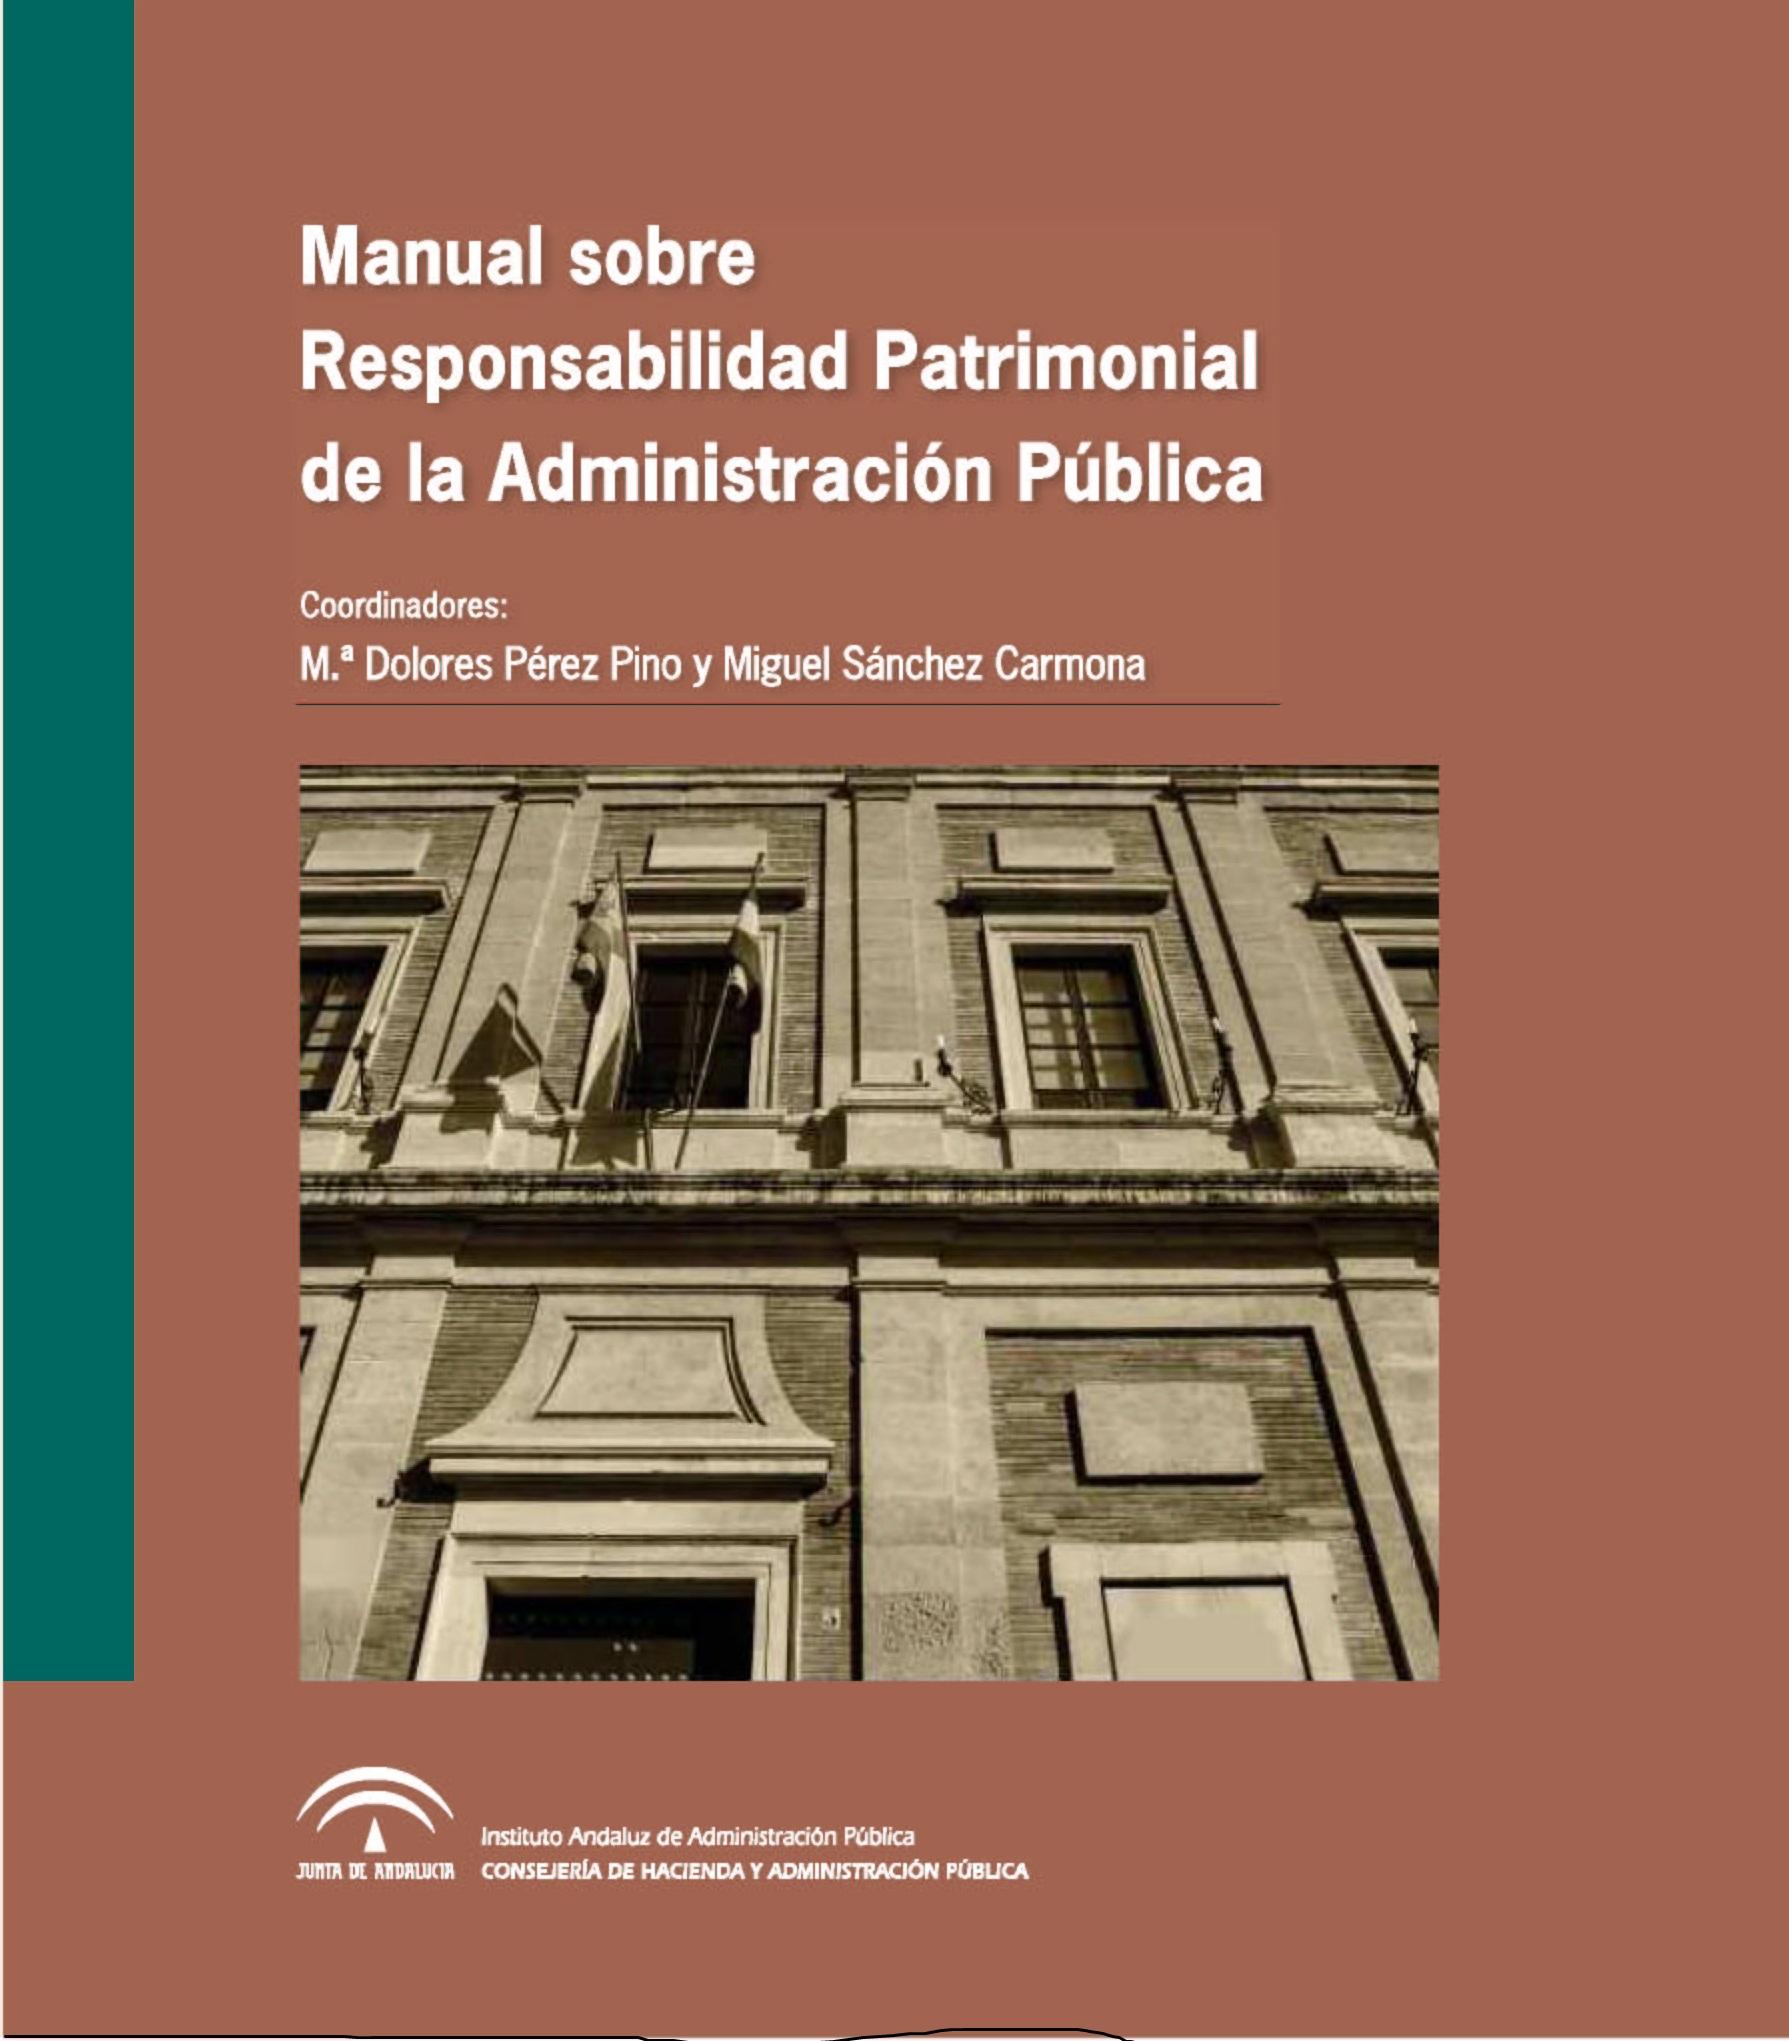 MANUAL SOBRE RESPONSABILIDAD PATRIMONIAL DE LA ADMINISTRACI�N P�BLICA